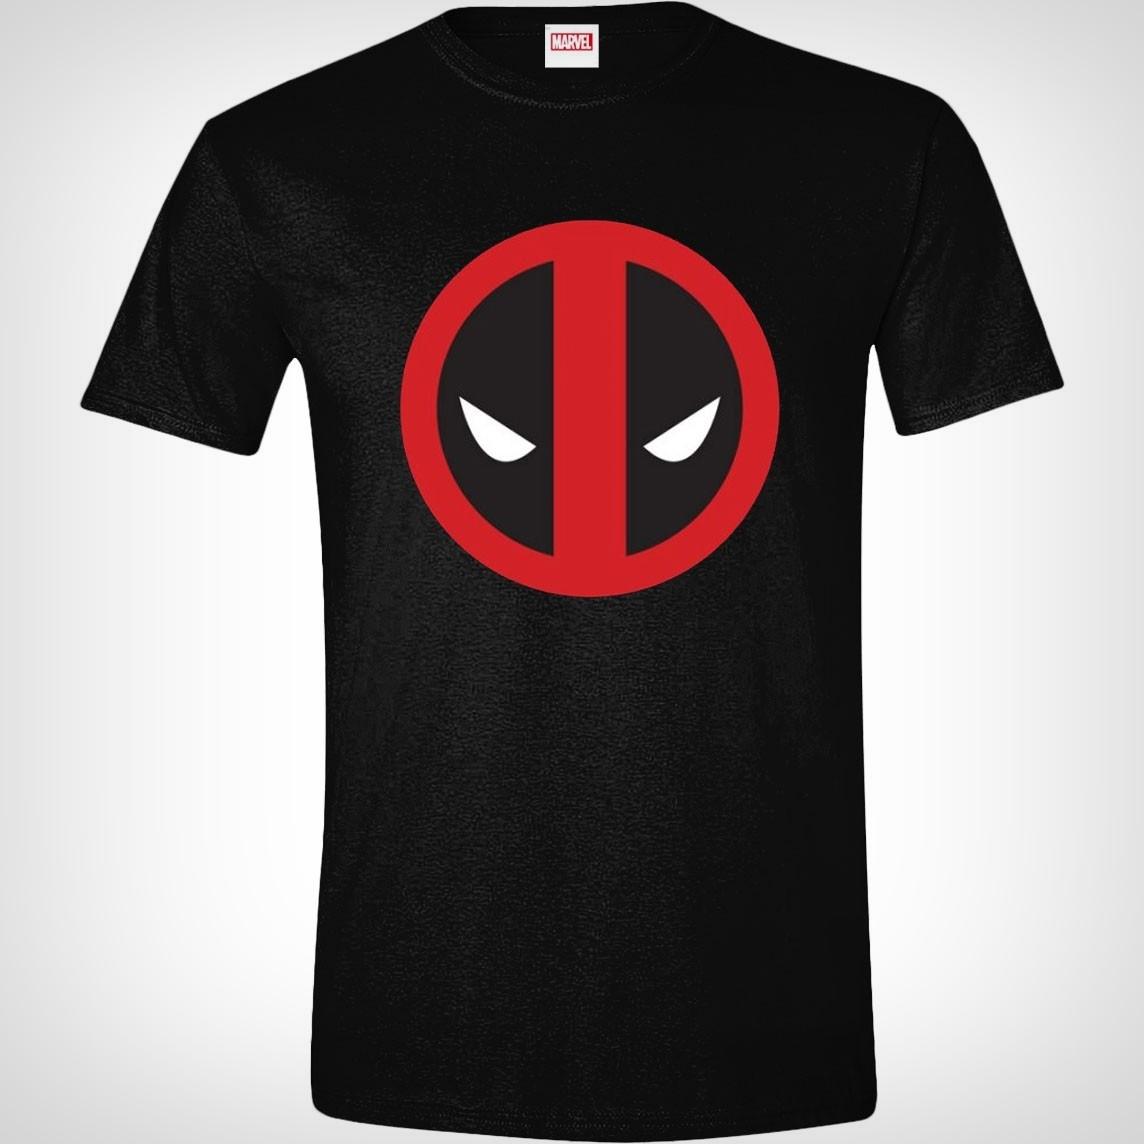 Tričko Deadpool Logo S Xzone Cz Jdeme Hr 225 čům Naproti